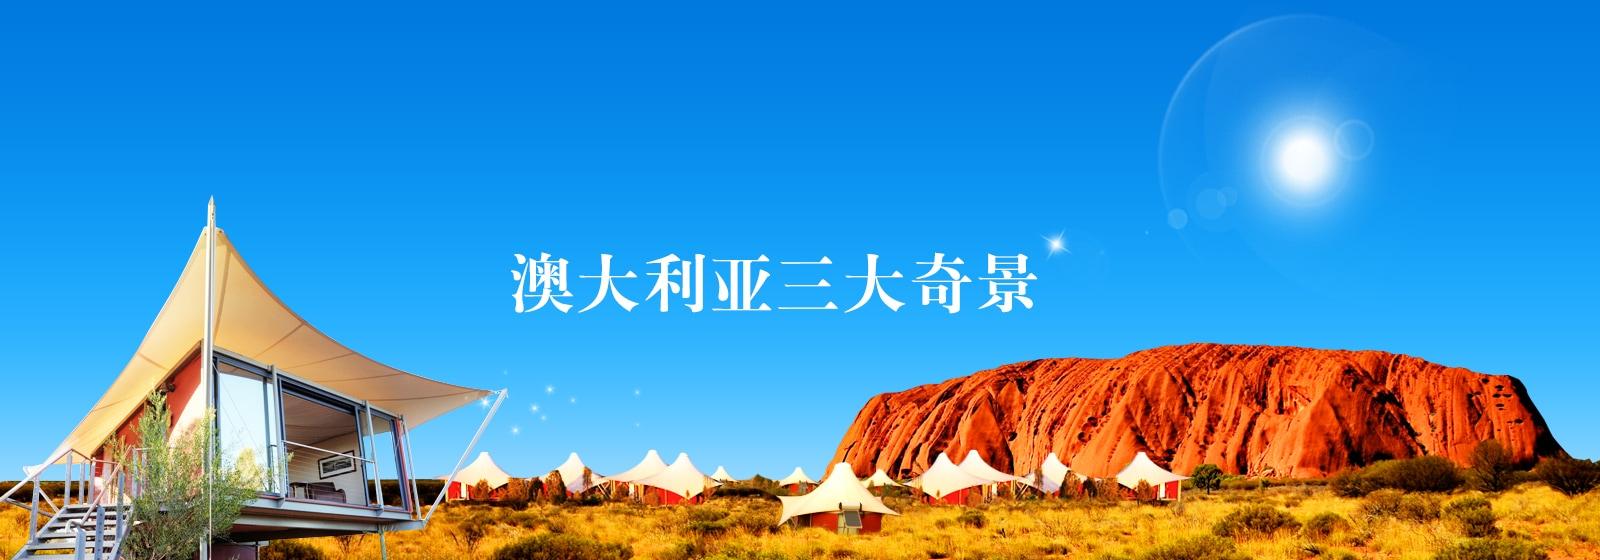 澳大利亚览三大奇景